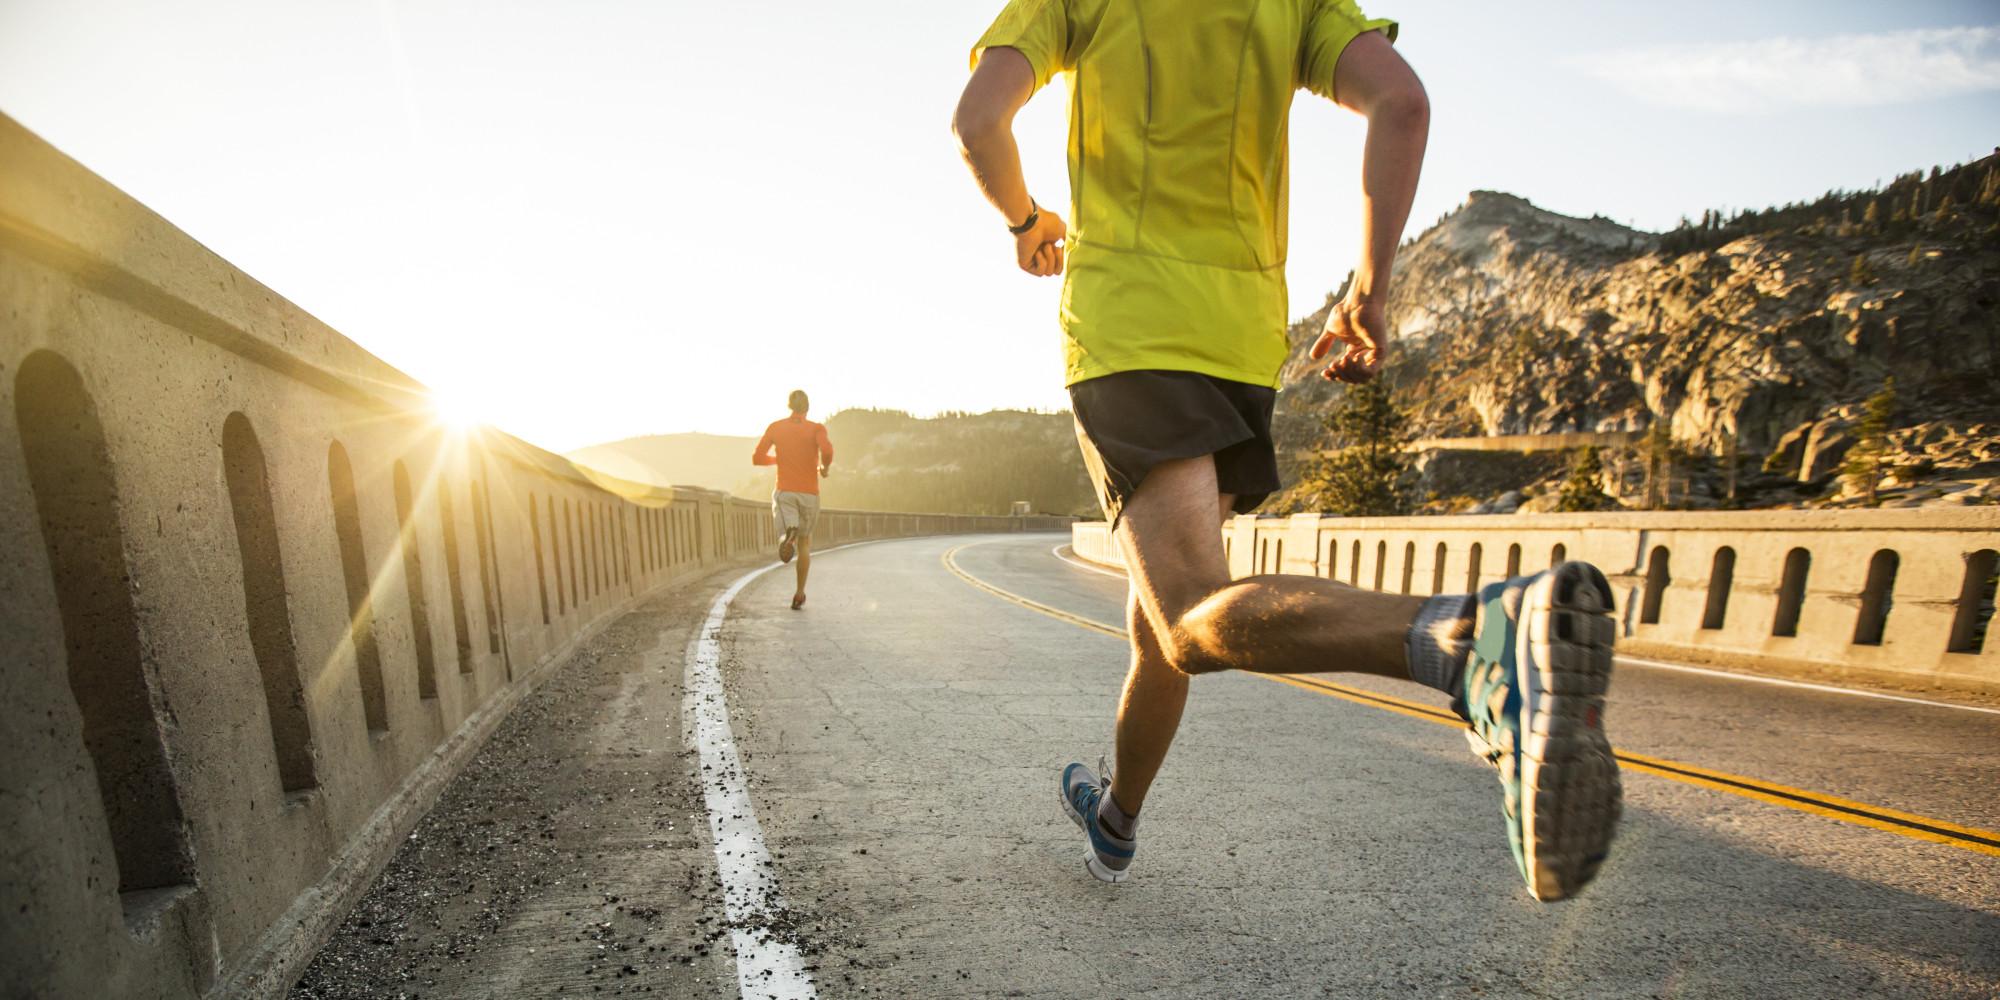 men running on road